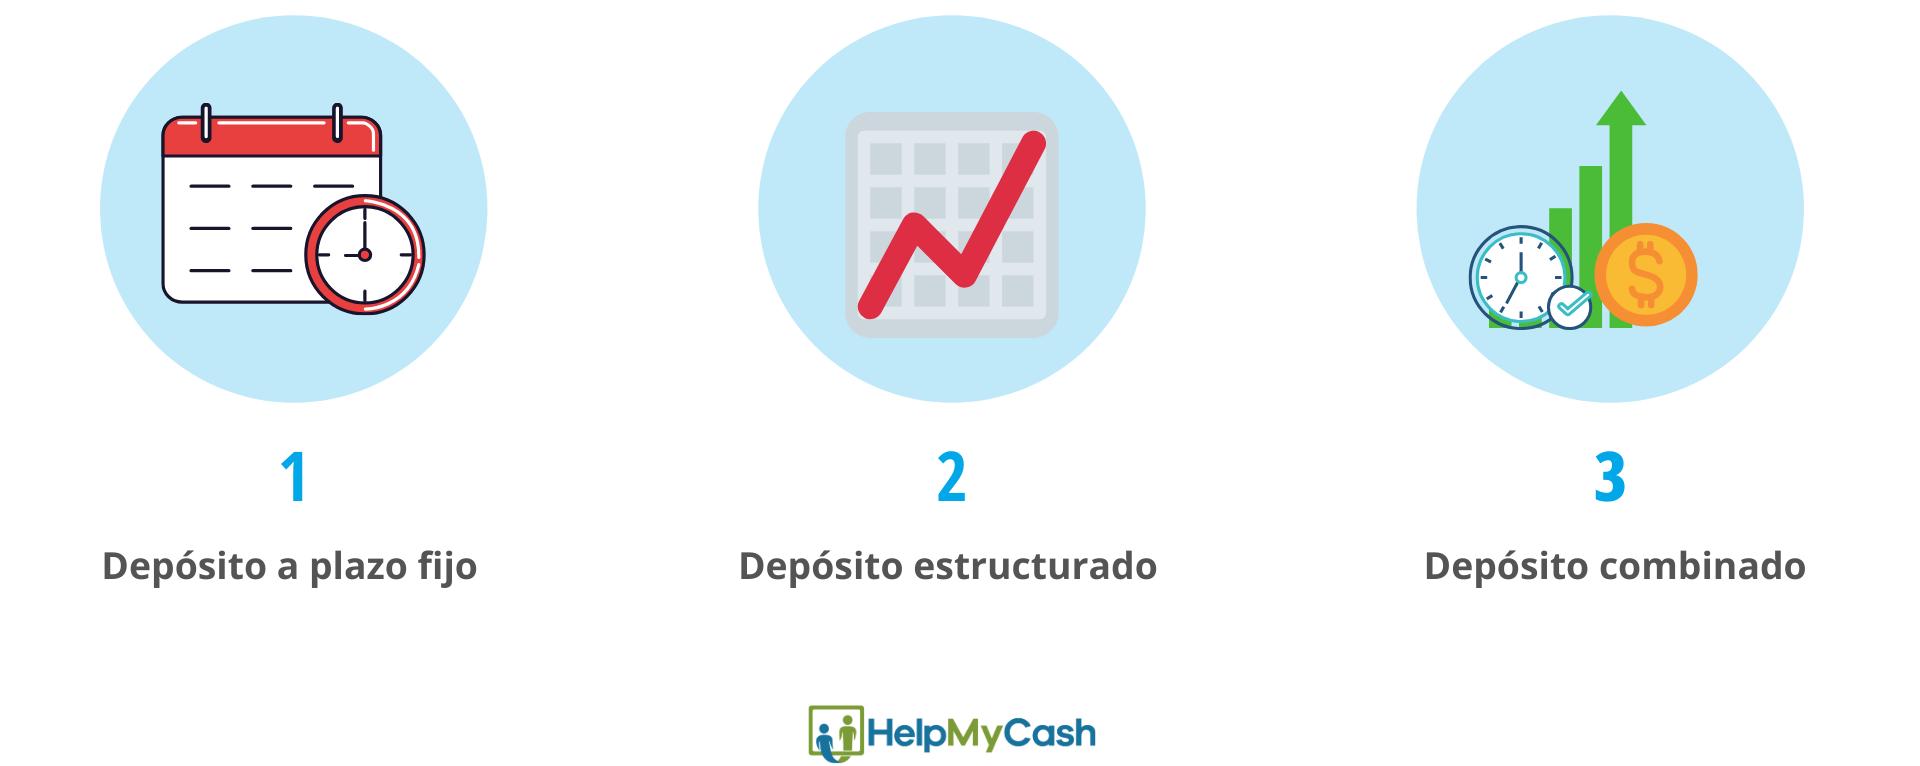 Tipos de depósitos bancarios: 1- depósito a plazo fijo. 2- depósito estructurado. 3- depósito combinado